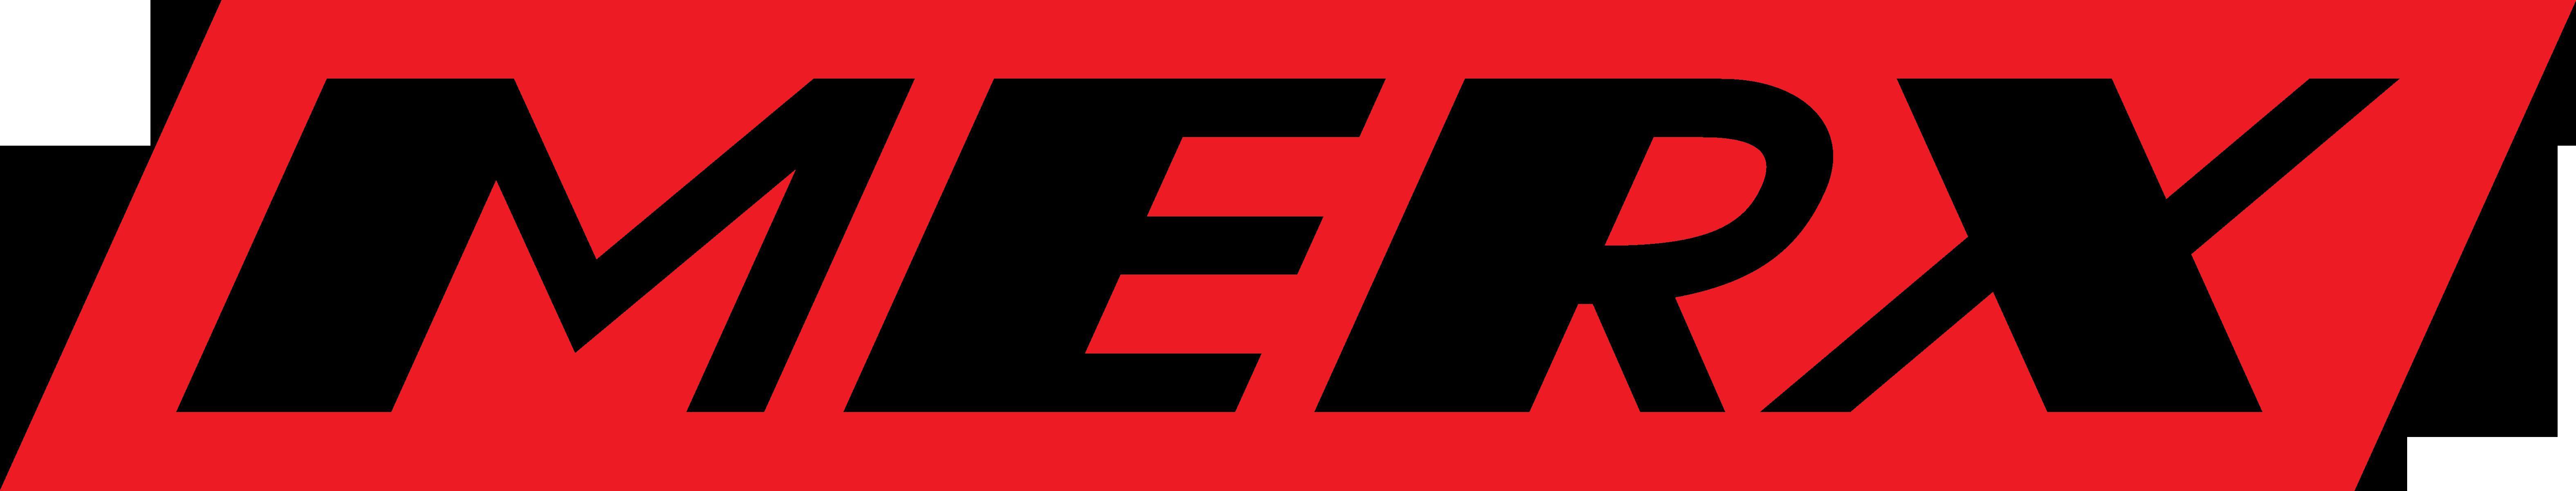 systemy telewizji dozorowej (std) Systemy telewizji dozorowej (STD) logo merx cut